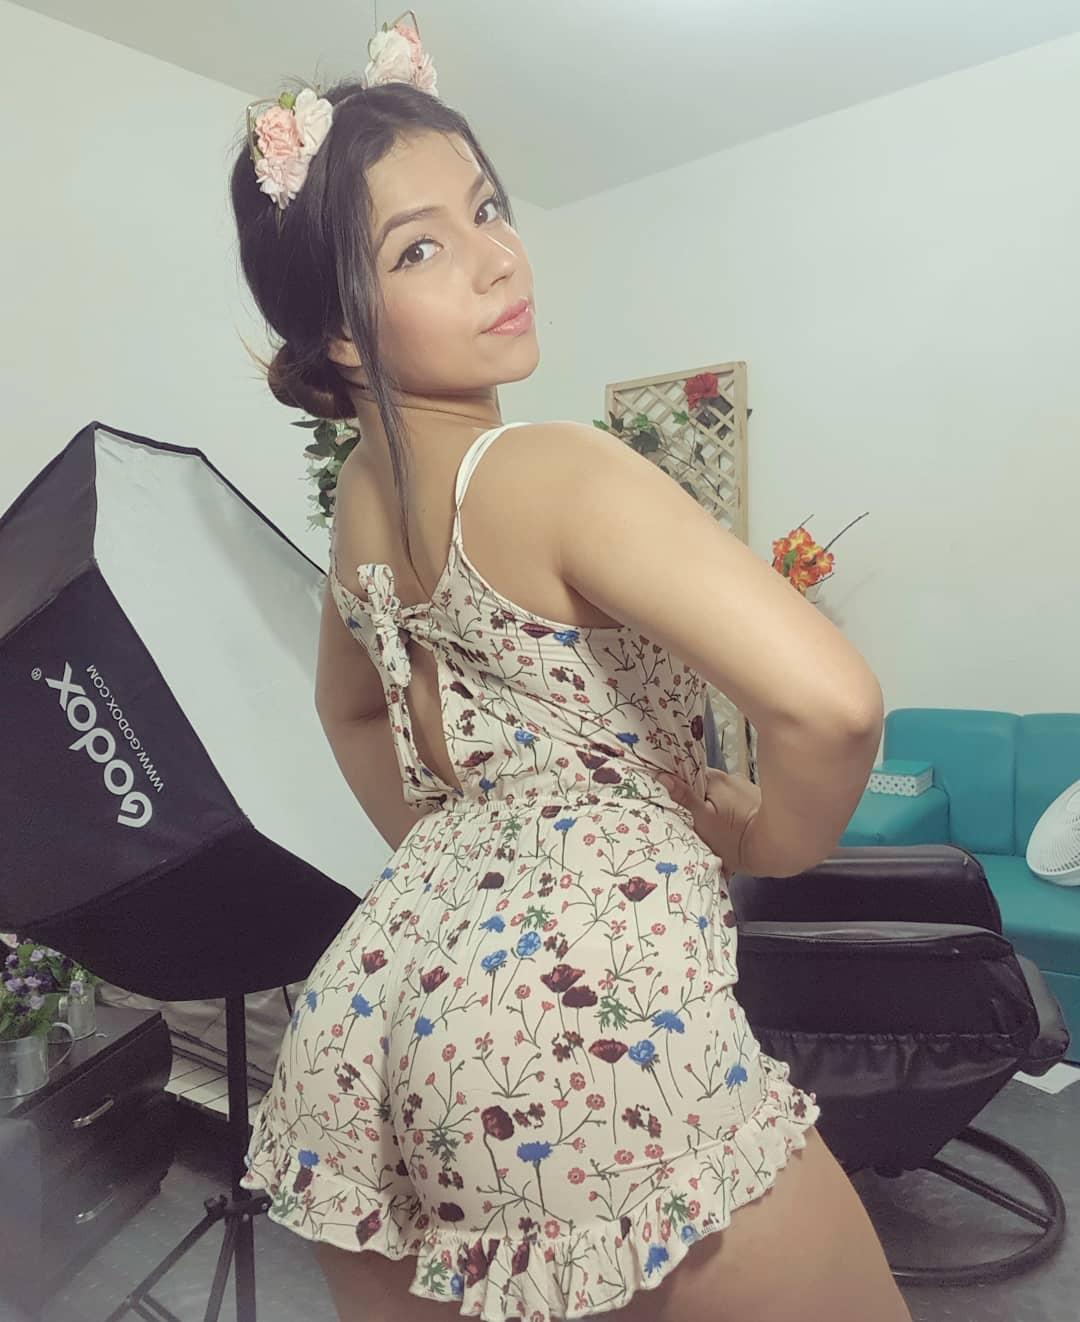 Aida Cortes Porno pack y videos intimos perdidos de youtuber aida cortes